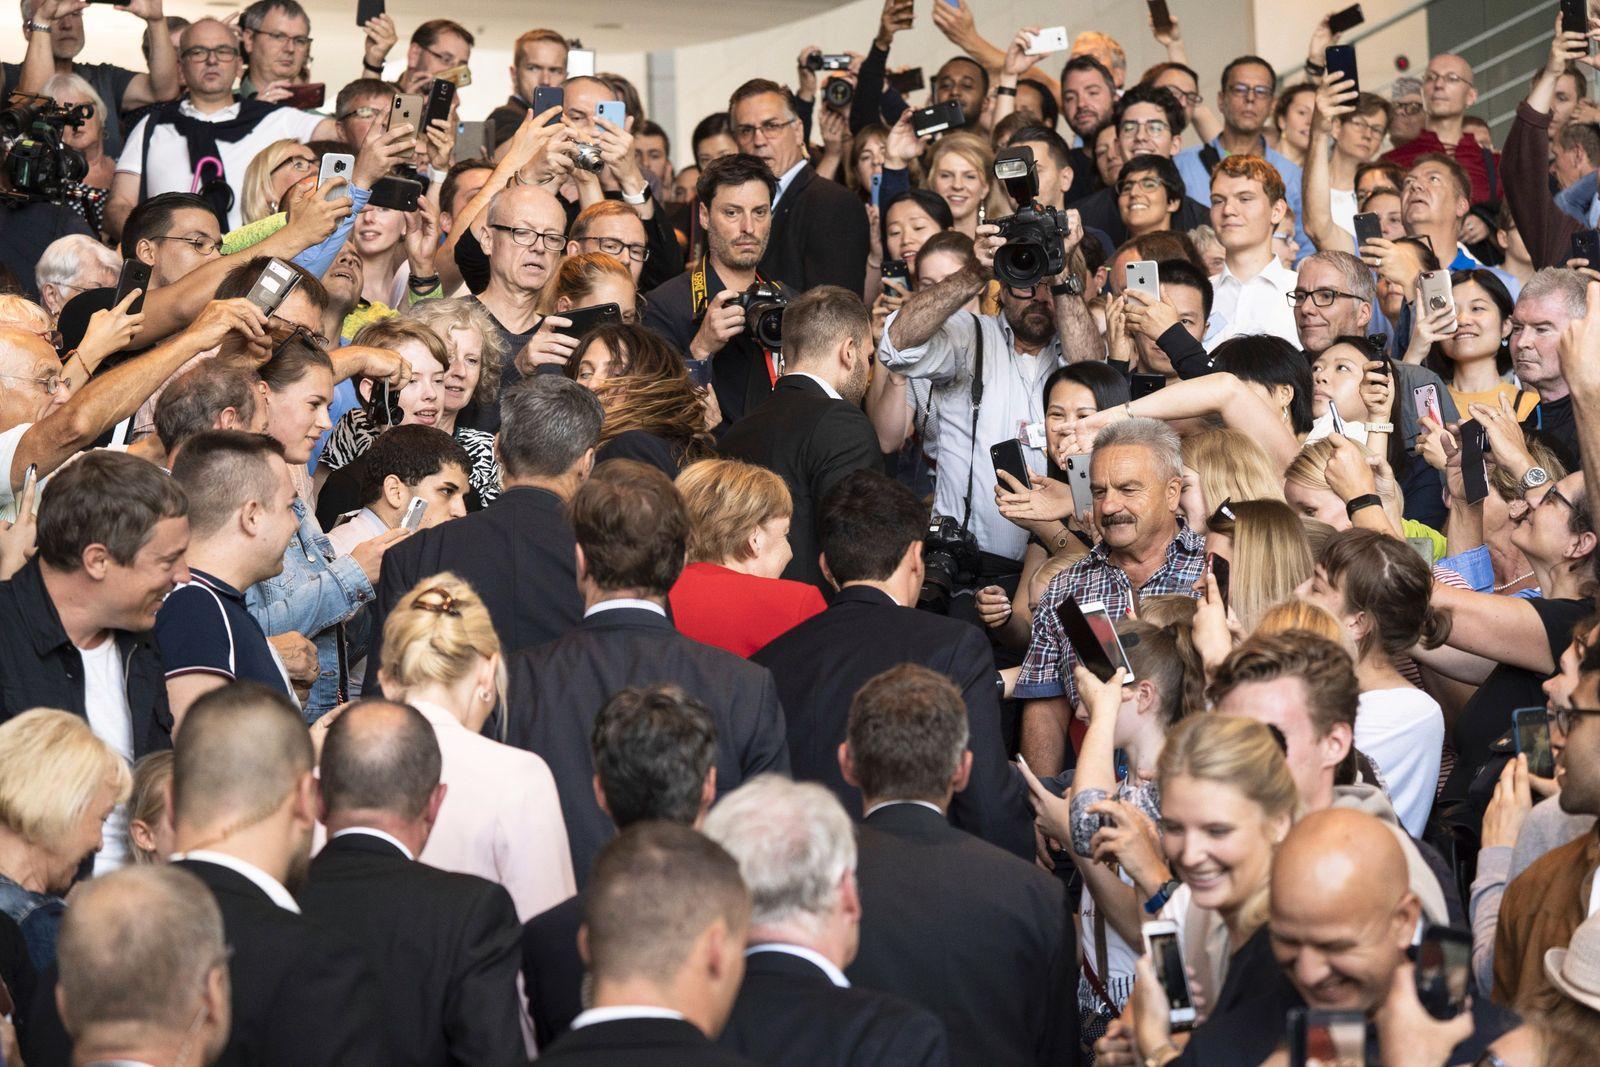 Bundeskanzlerin Angela Merkel beim Tag der offenen Tür der Bundesregierung 2019